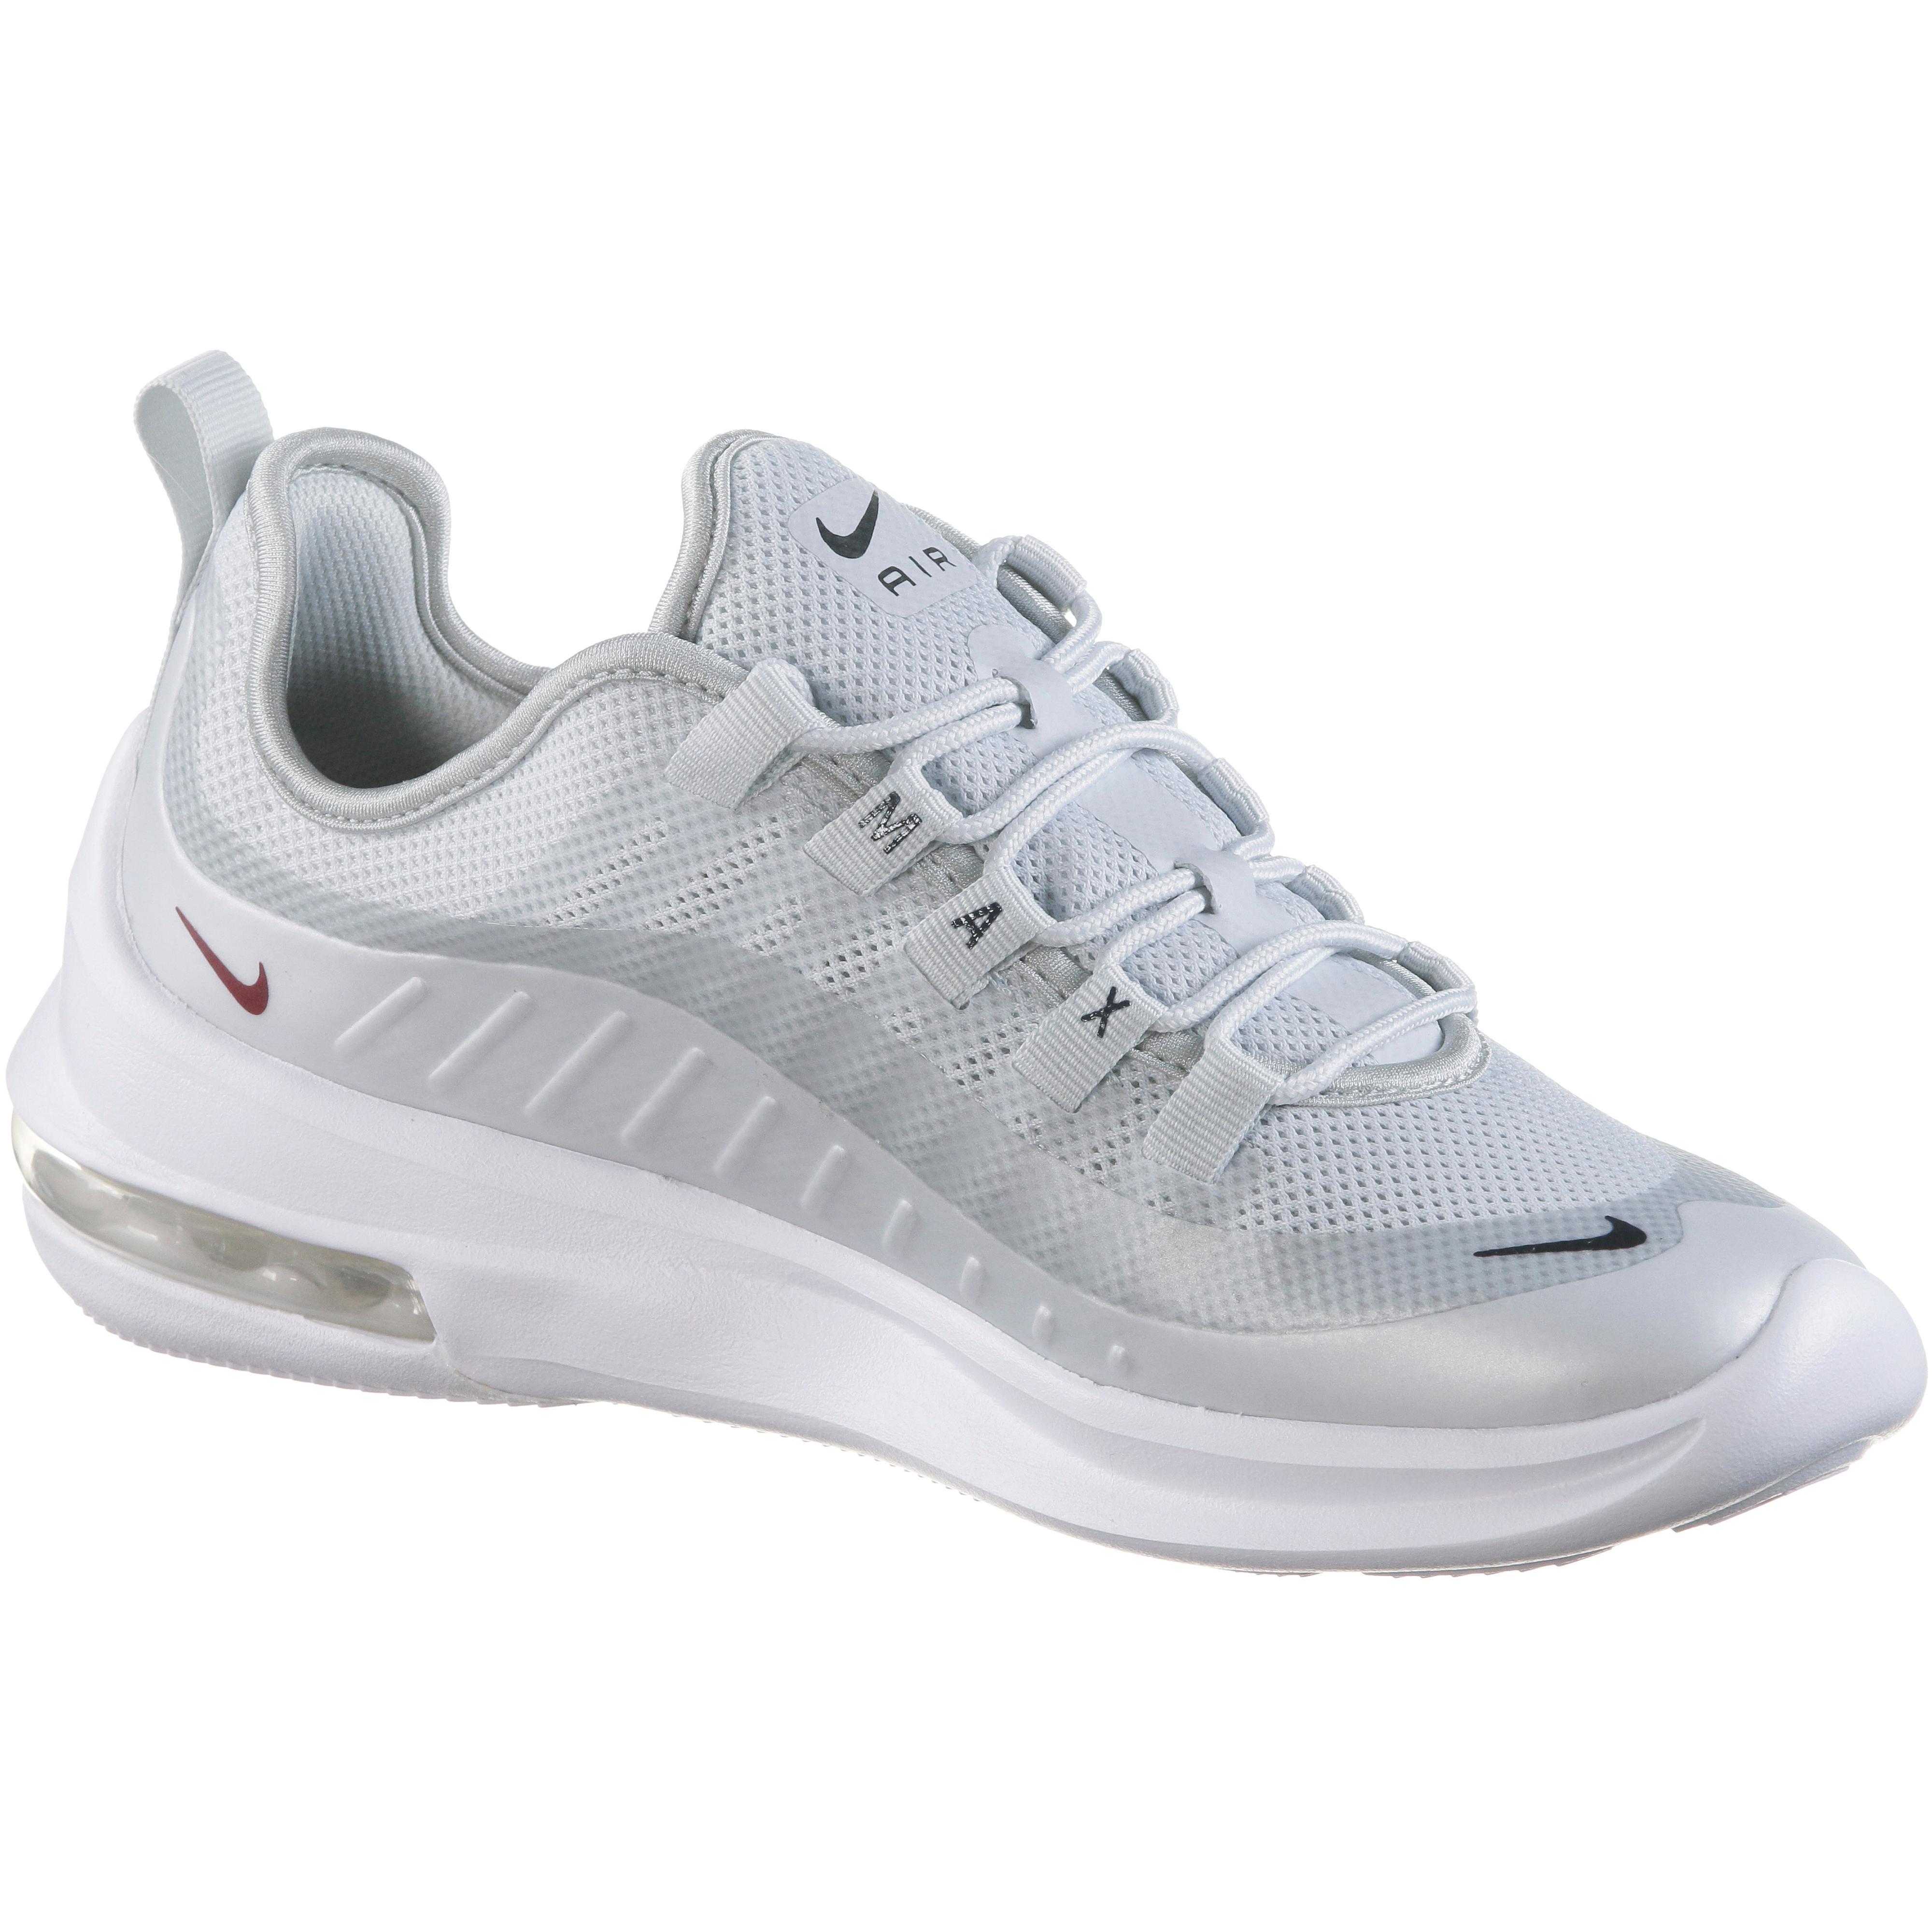 Nike AIR MAX AXIS Turnschuhe Damen pure platinum-rot crush-schwarzened Blau Qualität im Online Shop von SportScheck kaufen Gute Qualität Blau beliebte Schuhe dd6045